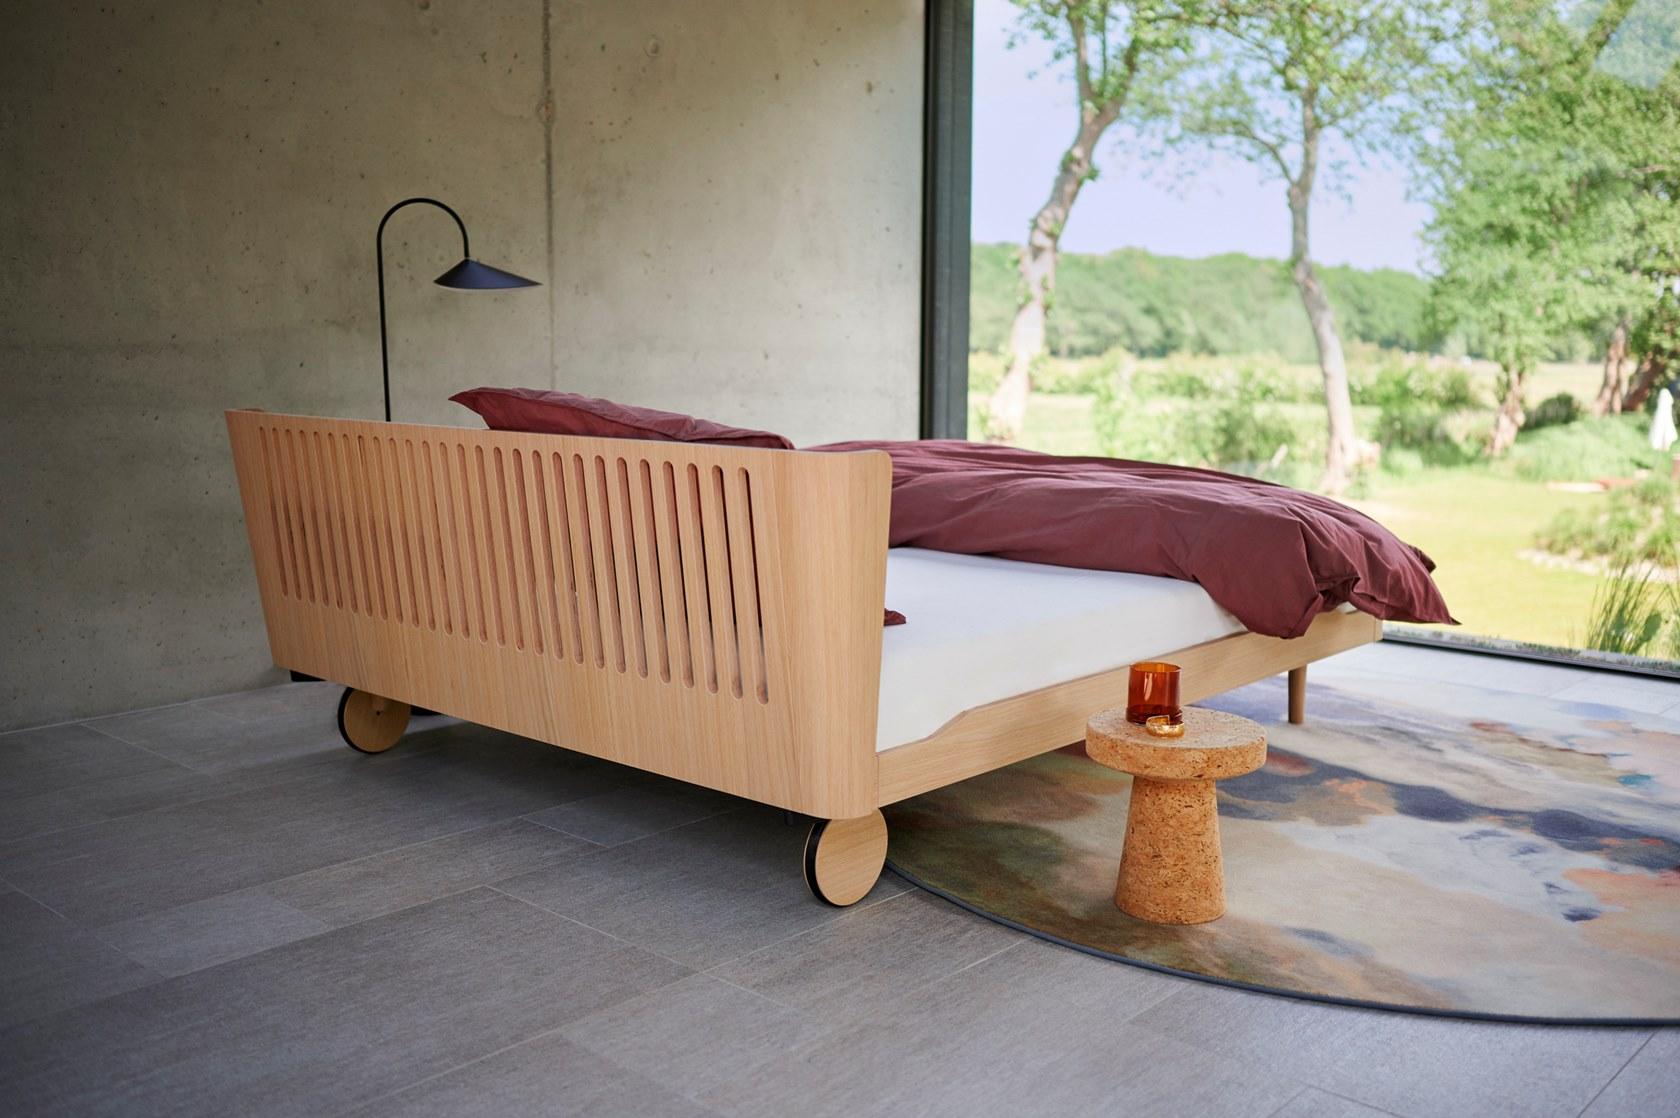 2b NOA Bed on castors Auping 472313 rele16153f6 i Vigna